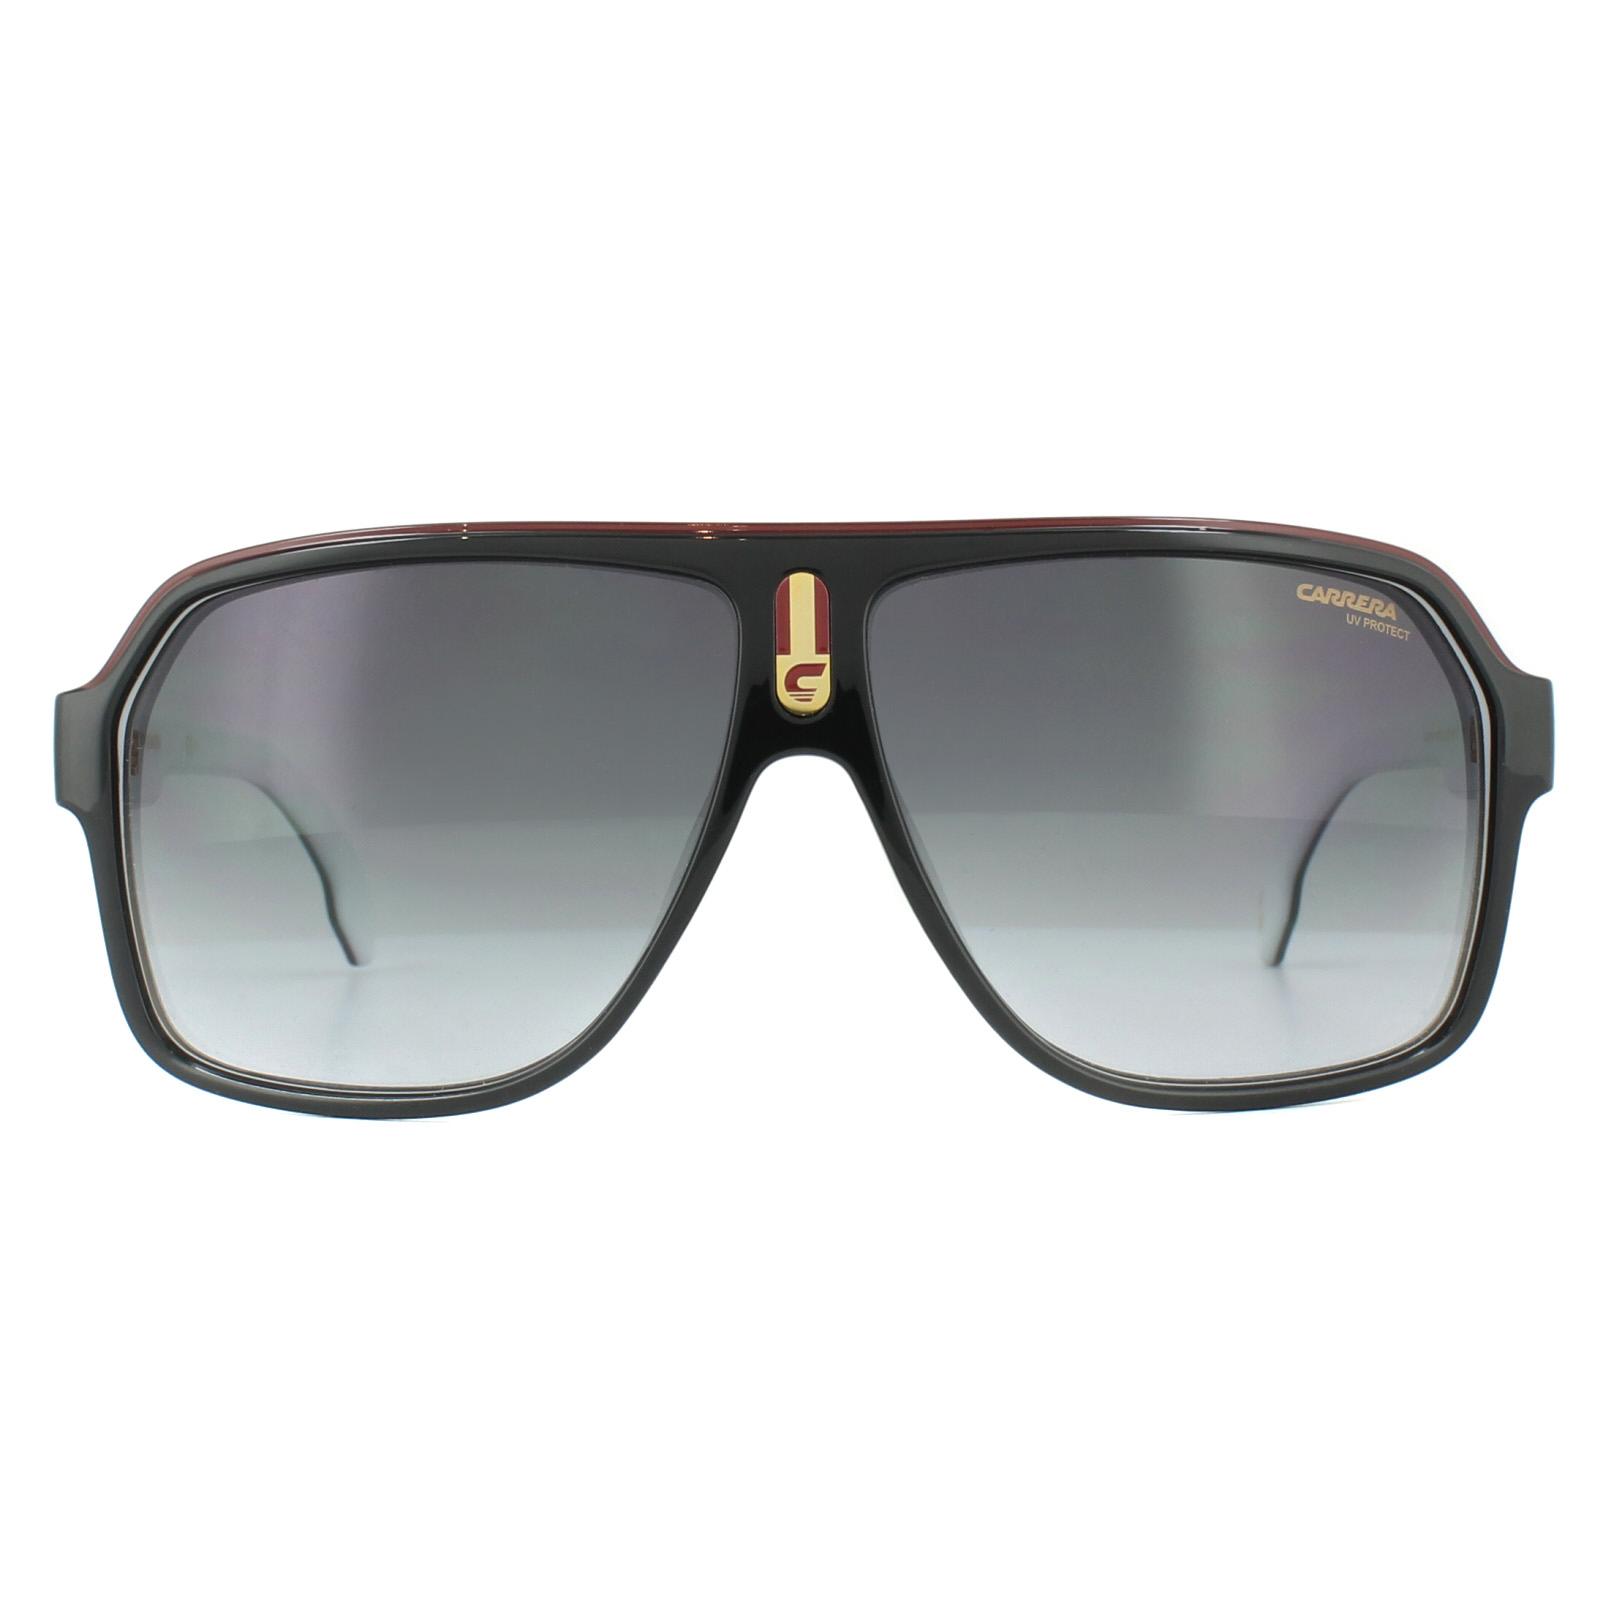 f0f03e9e414 Sentinel Carrera Sunglasses 1001 S 80S 9O Black White Dark Grey Gradient